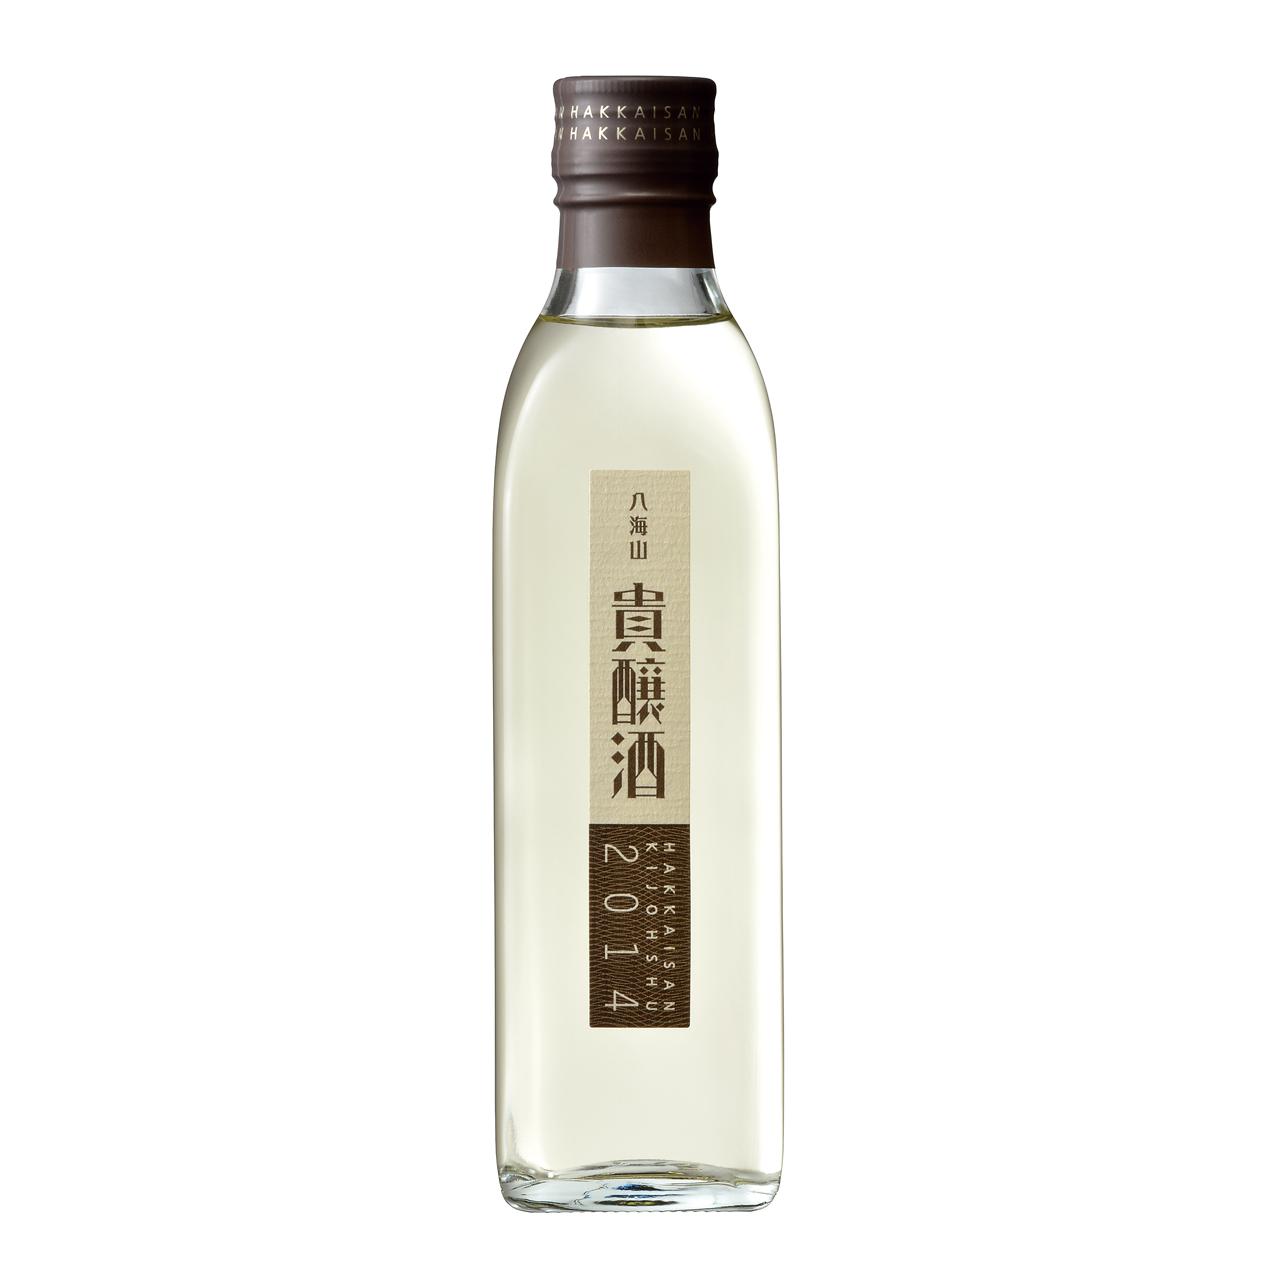 お中元 ギフト 八海山 貴醸酒 300ML 12本 新潟県 八海山 日本酒 ケース販売 ラッキーシール対応